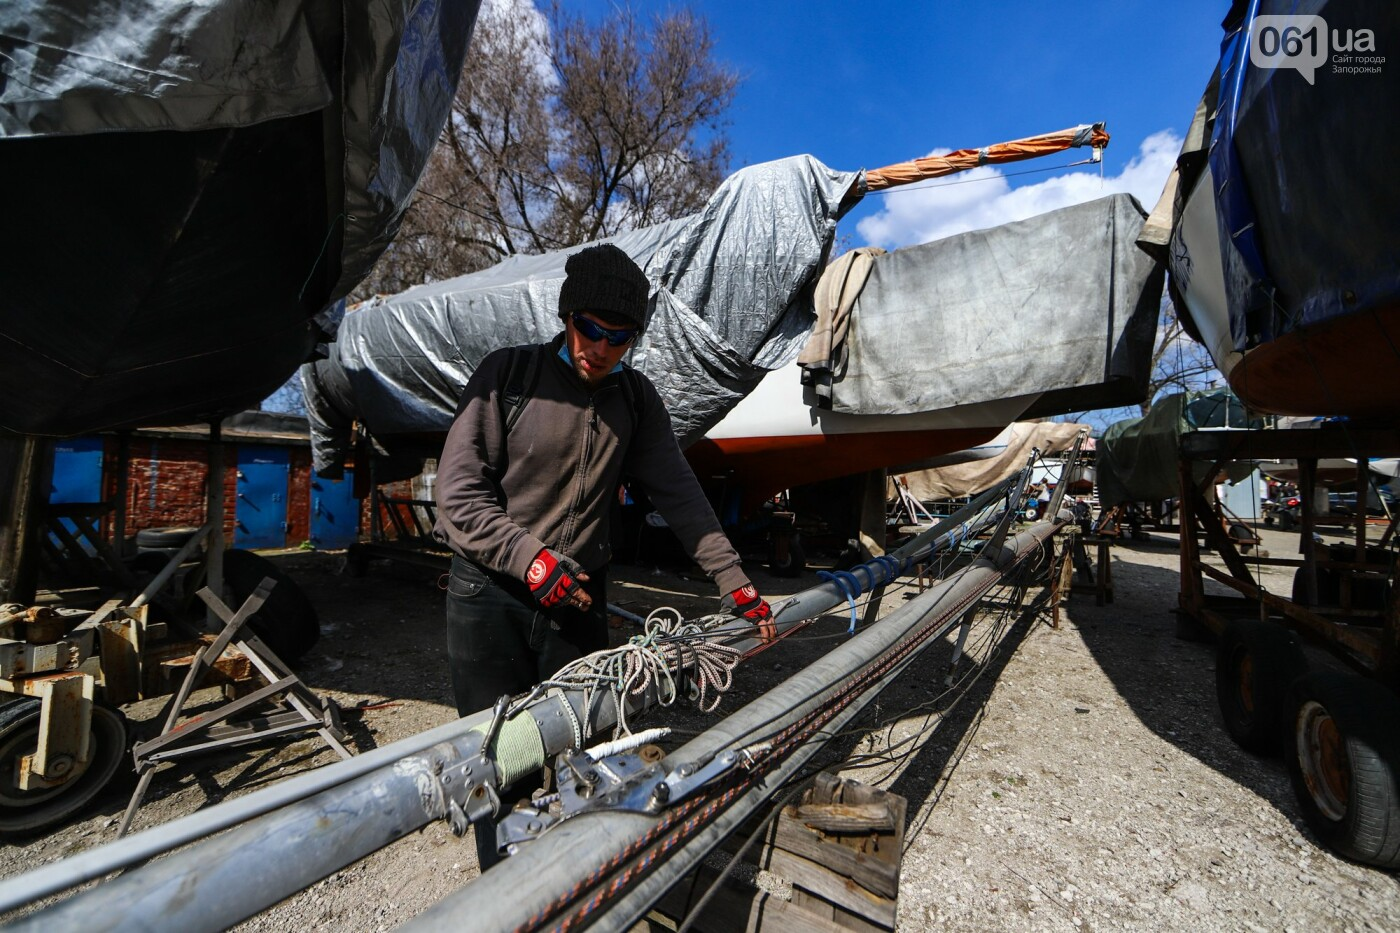 «Семь футов под килем!»: как в запорожском яхт-клубе спускали судна на воду, - ФОТОРЕПОРТАЖ , фото-48